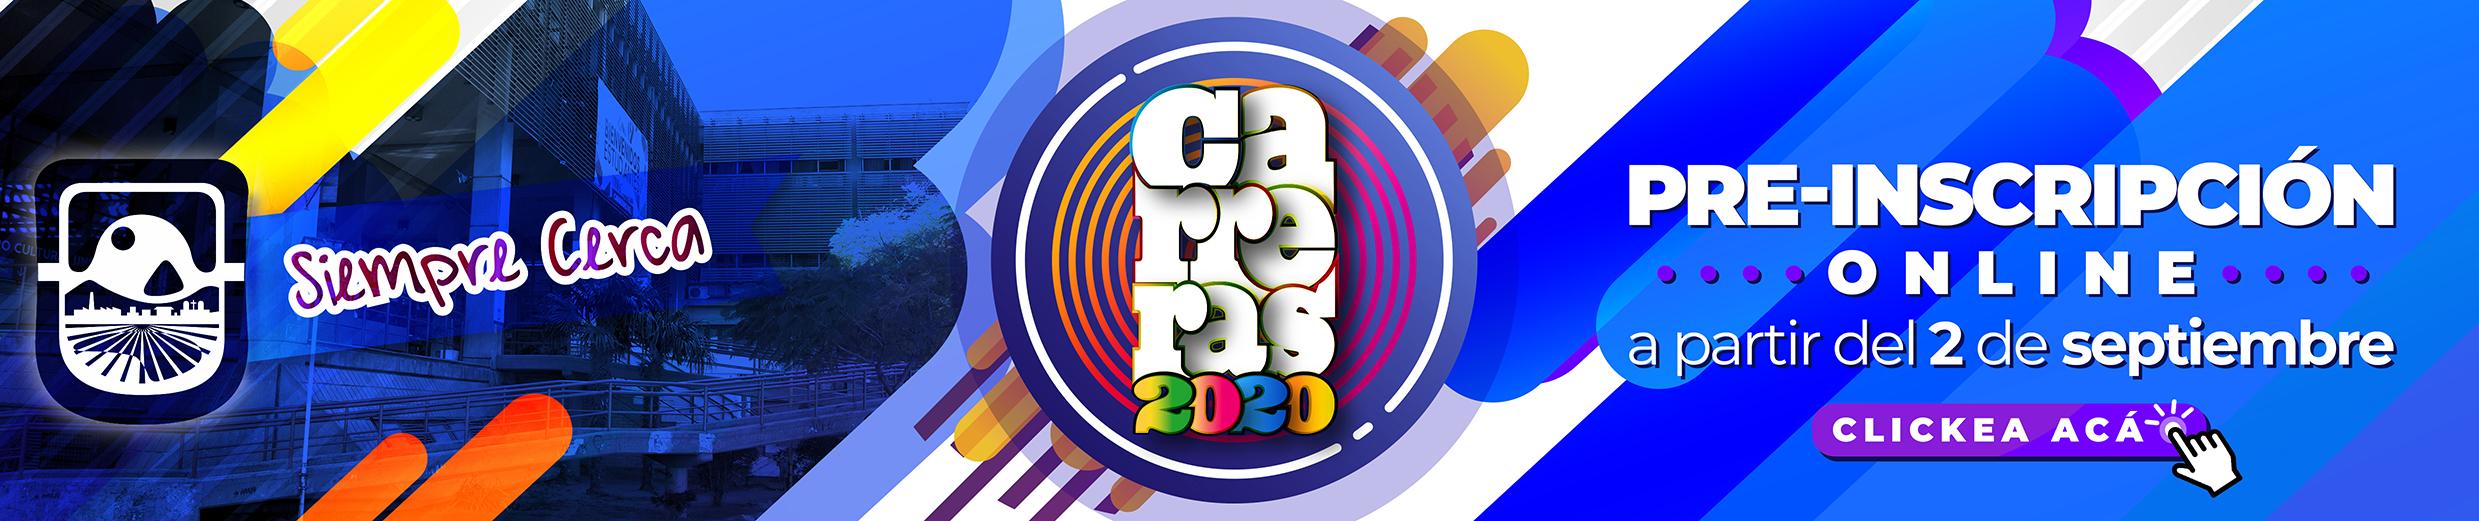 banner preinscripcion 2020